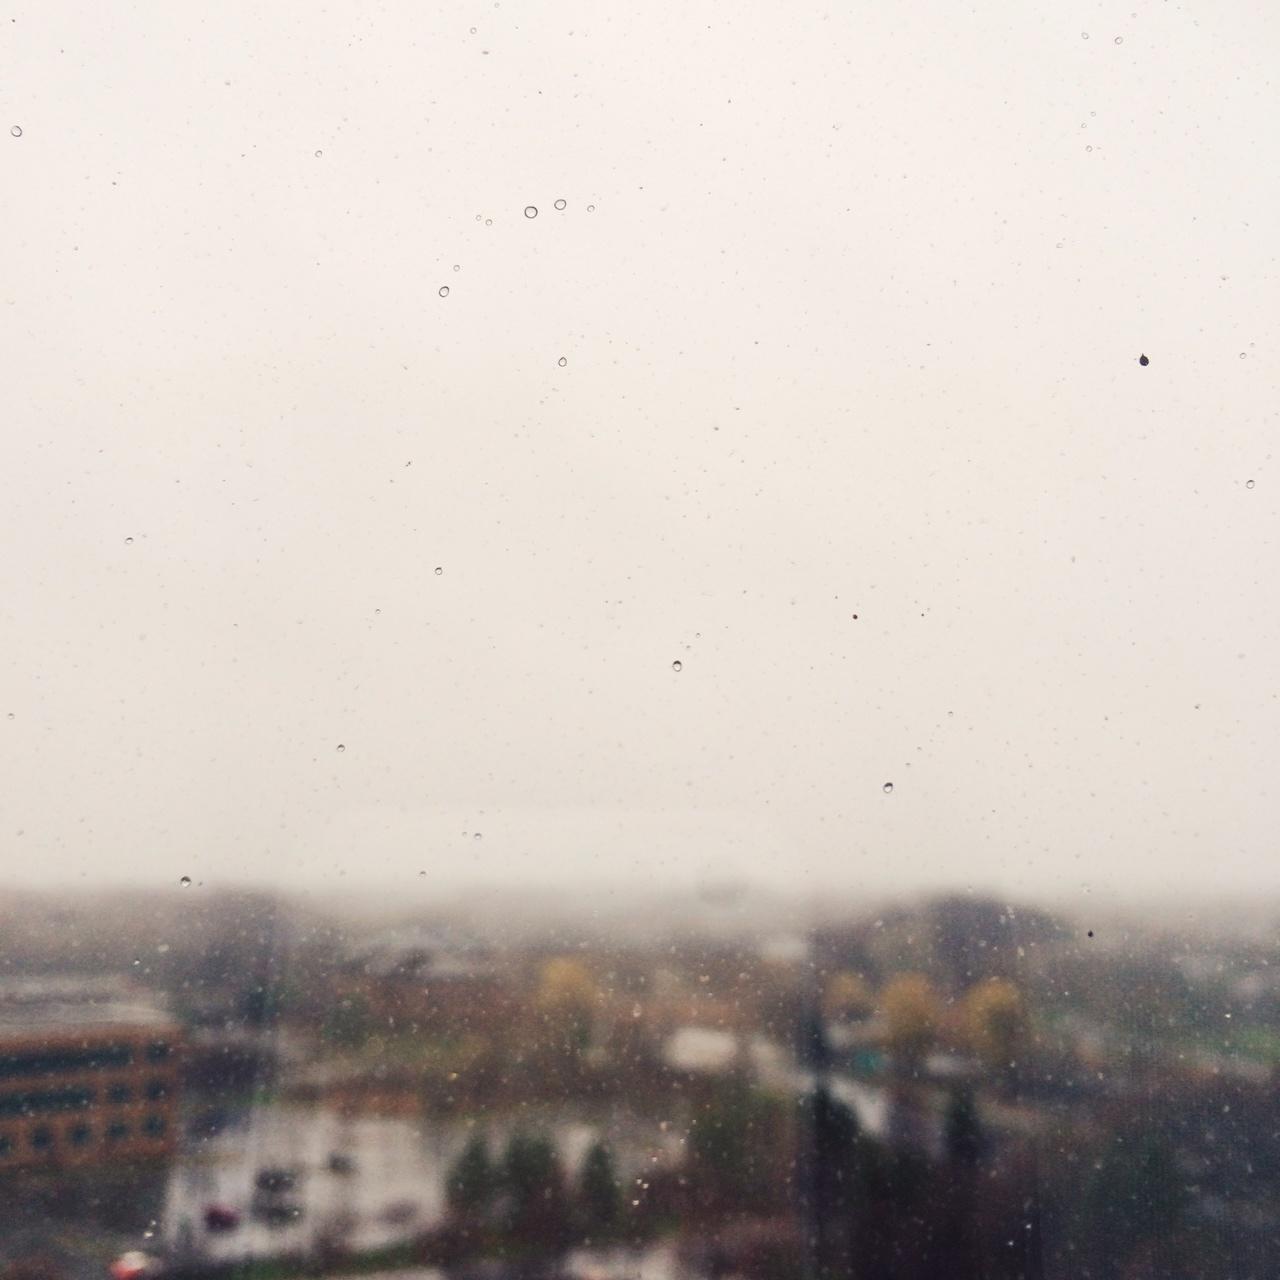 A little bit of rain, a little bit of snow.